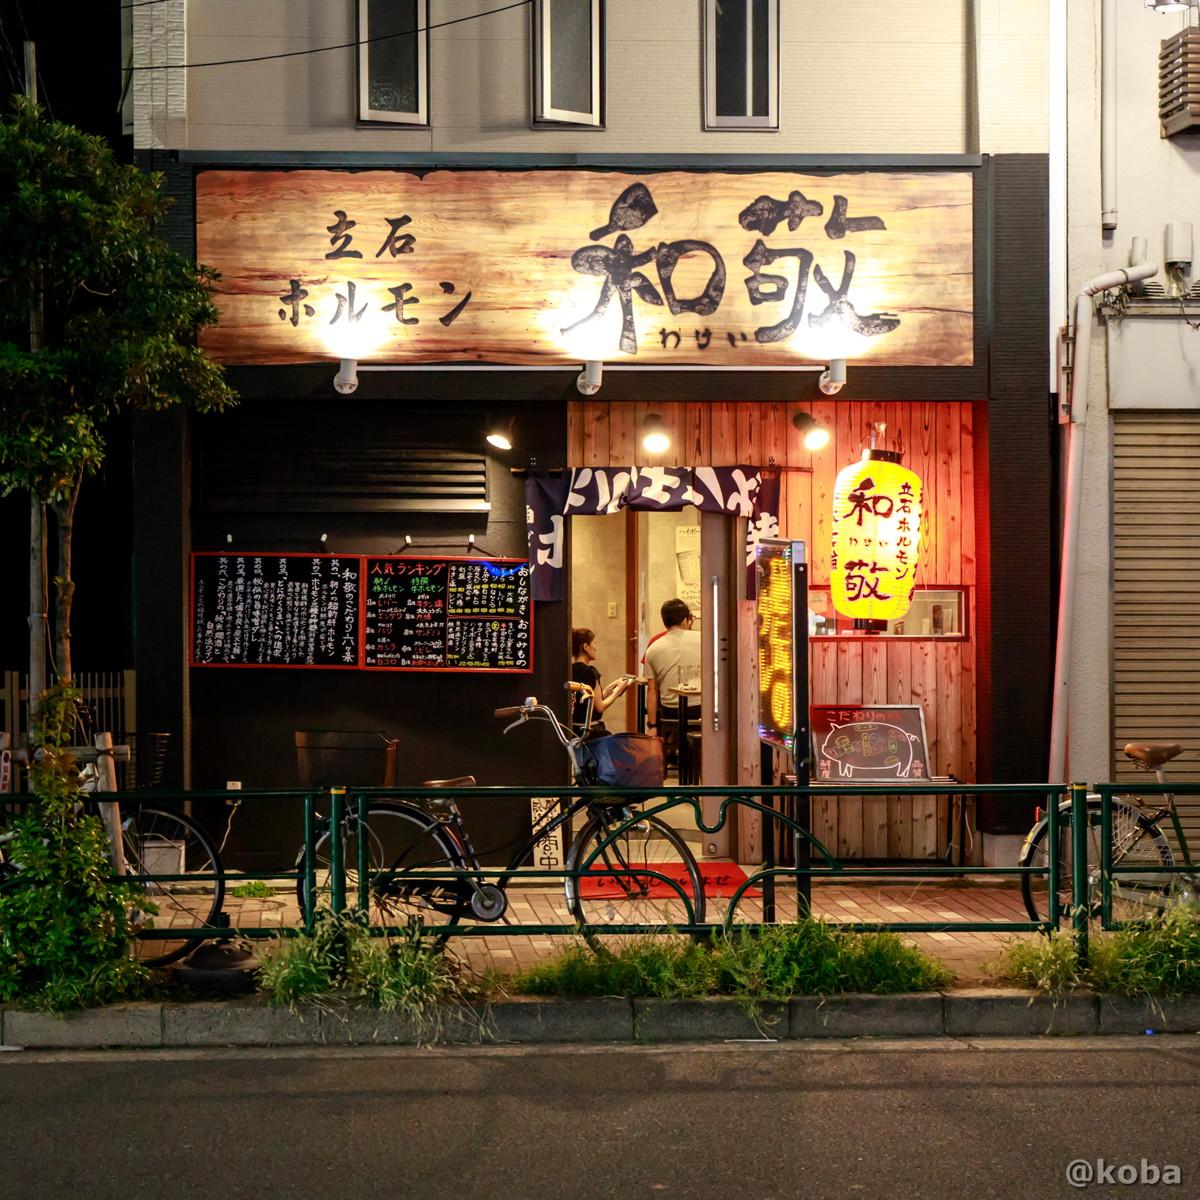 外観写真 和敬(わけい)ホルモン 焼肉 東京都葛飾区・立石 ブログ